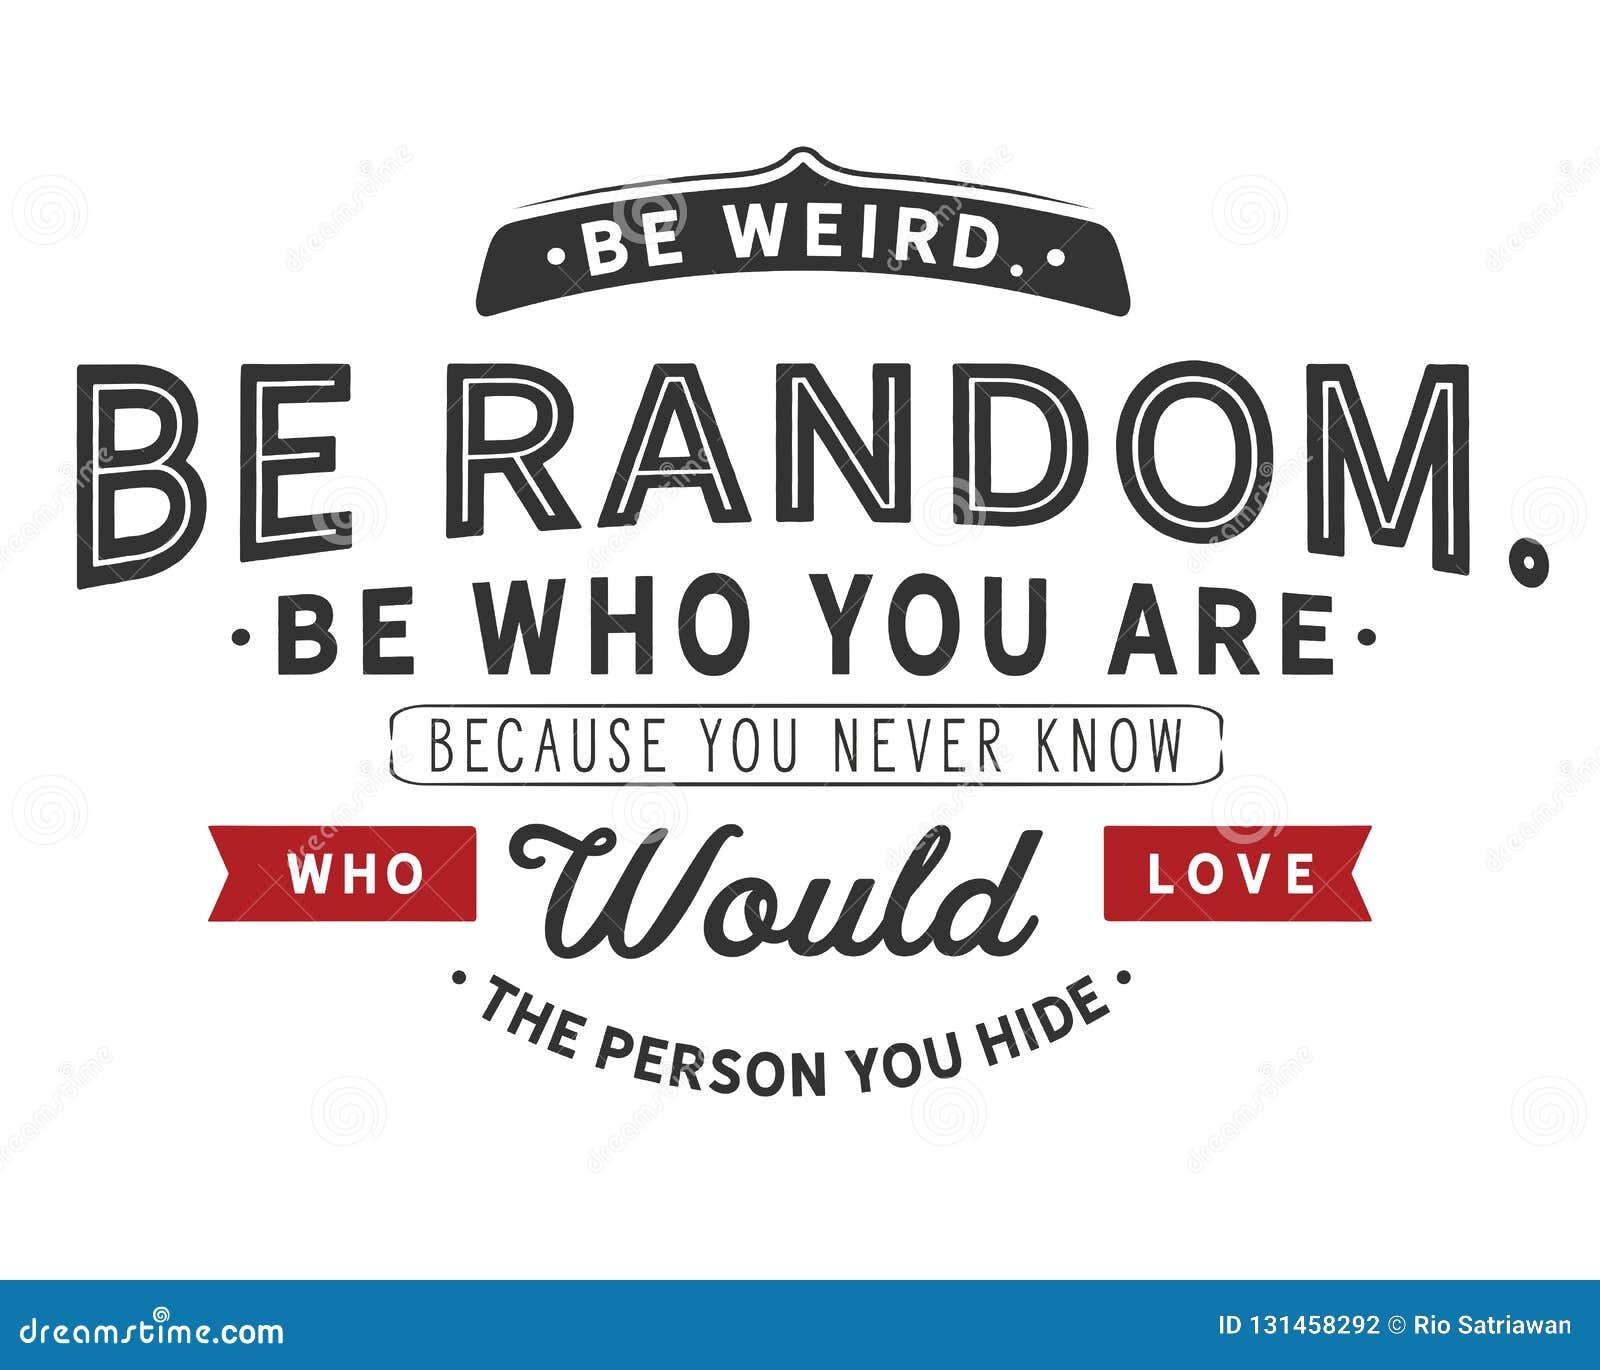 Να είστε παράξενος Να είστε τυχαίος Να είστε ποιοι είστε Επειδή δεν ξέρετε ποτέ ποιος θα αγαπούσε το πρόσωπο κρύβετε